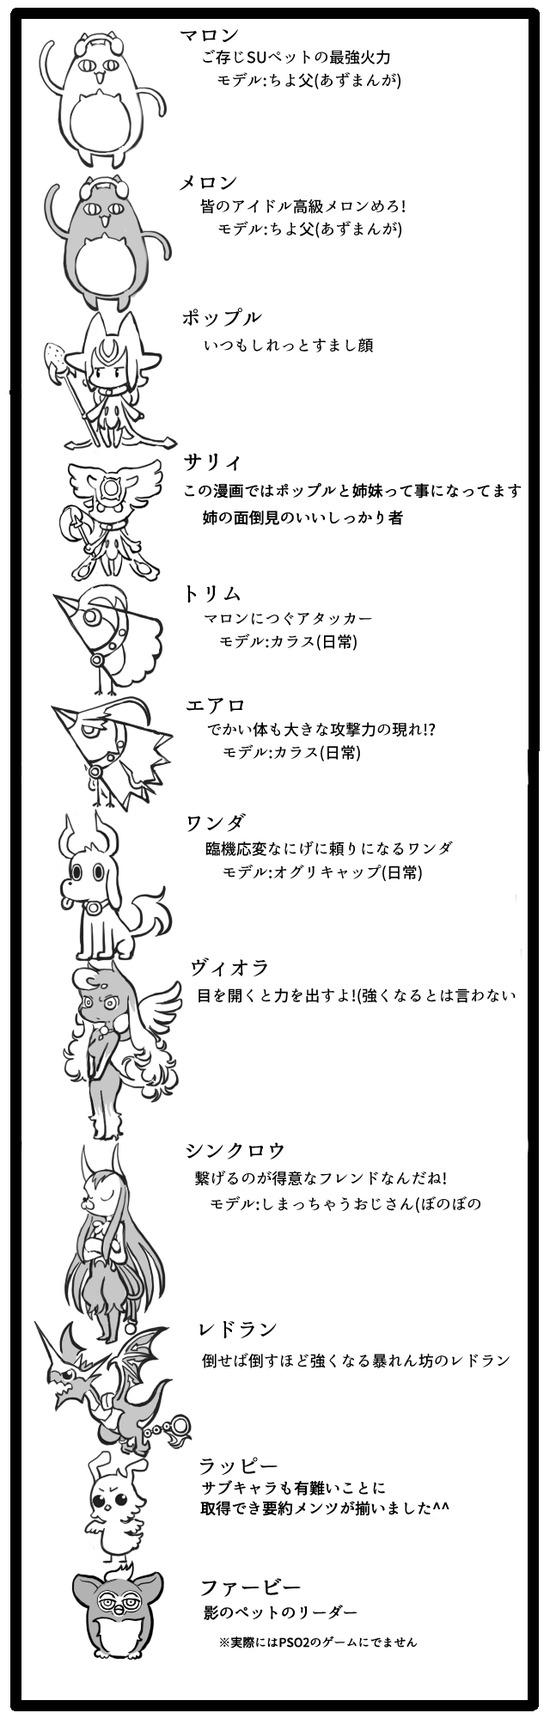 キャラ紹介Vol03'